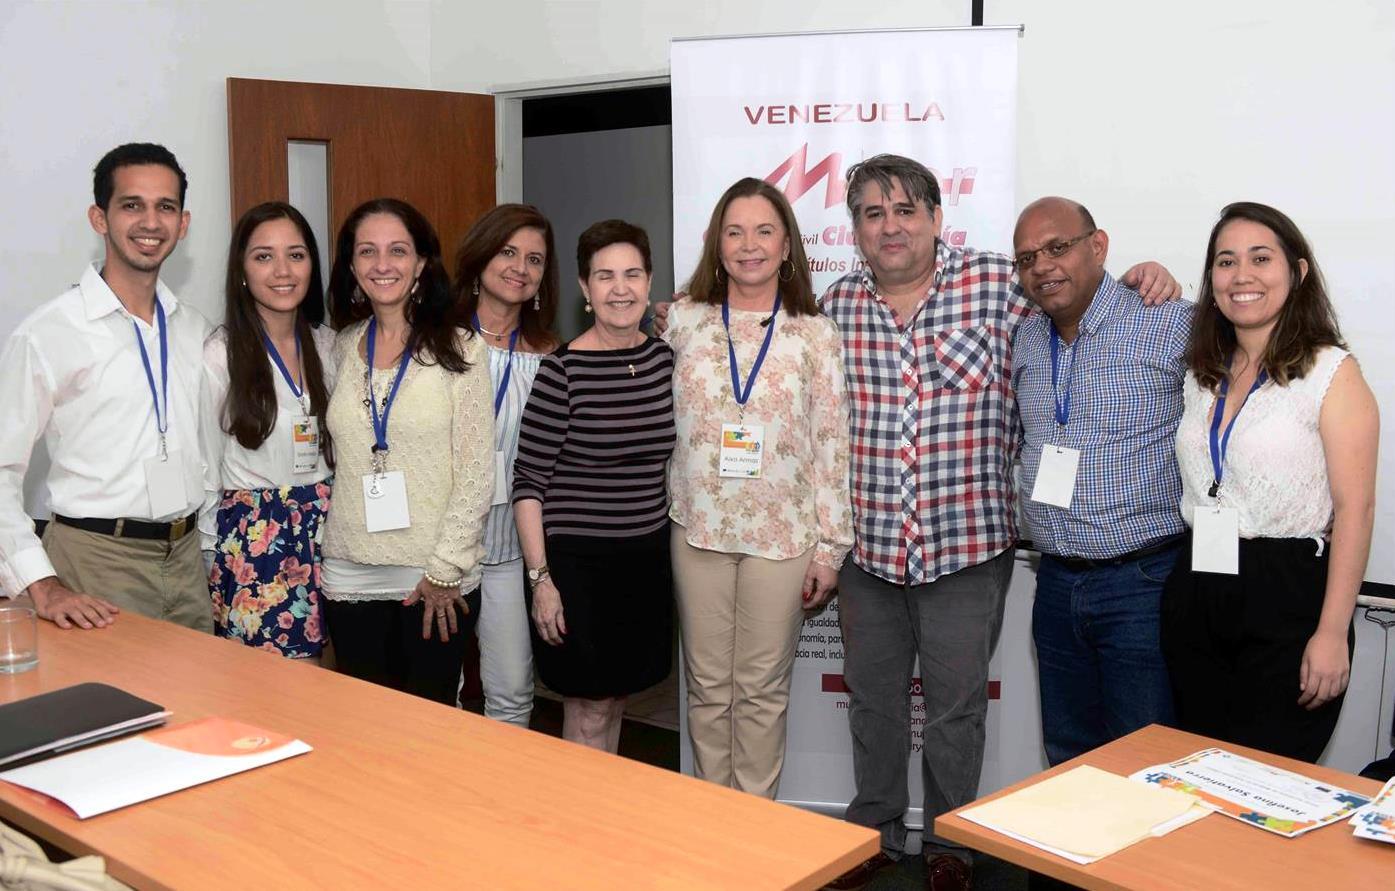 Mujer Y Ciudadanía A.c, People In Need, Oportunidad Y La Universidad Monteávila Realizaron El Primer Seminario Para Mujeres En Posiciones Claves En El Nacional